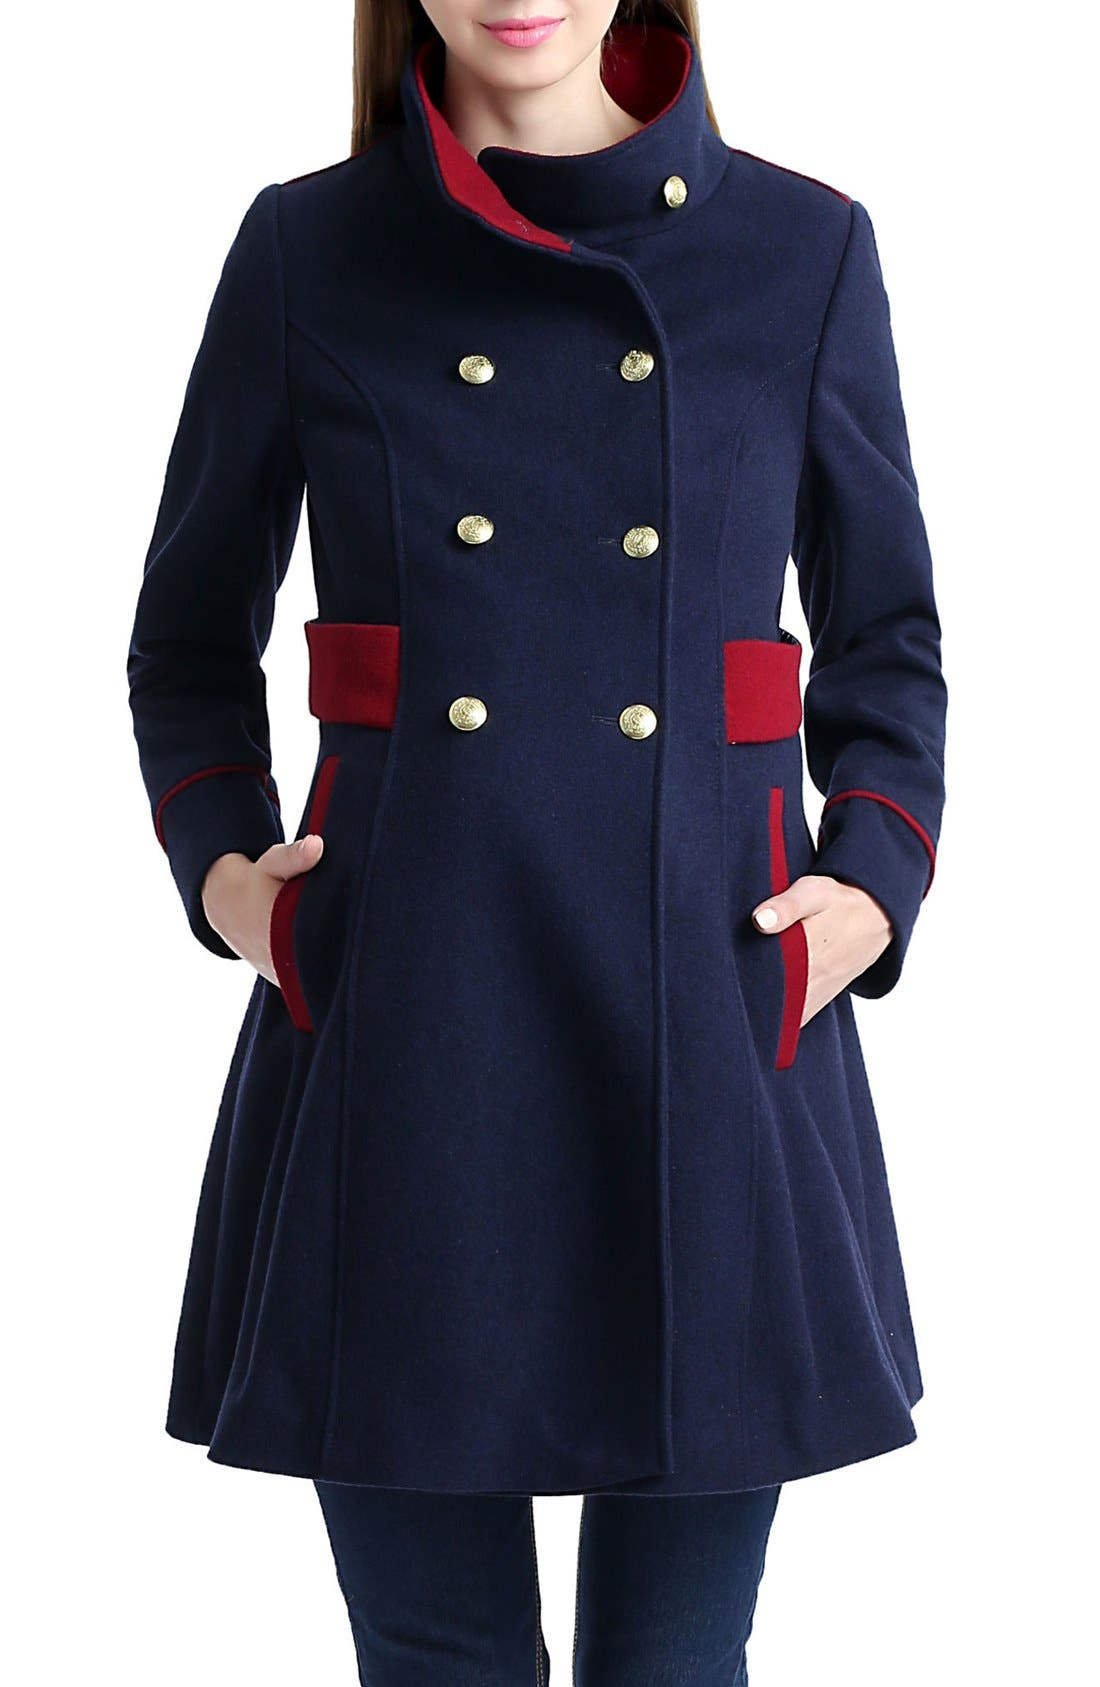 Main Image - Nom 'Pan' Military Maternity Pea Coat